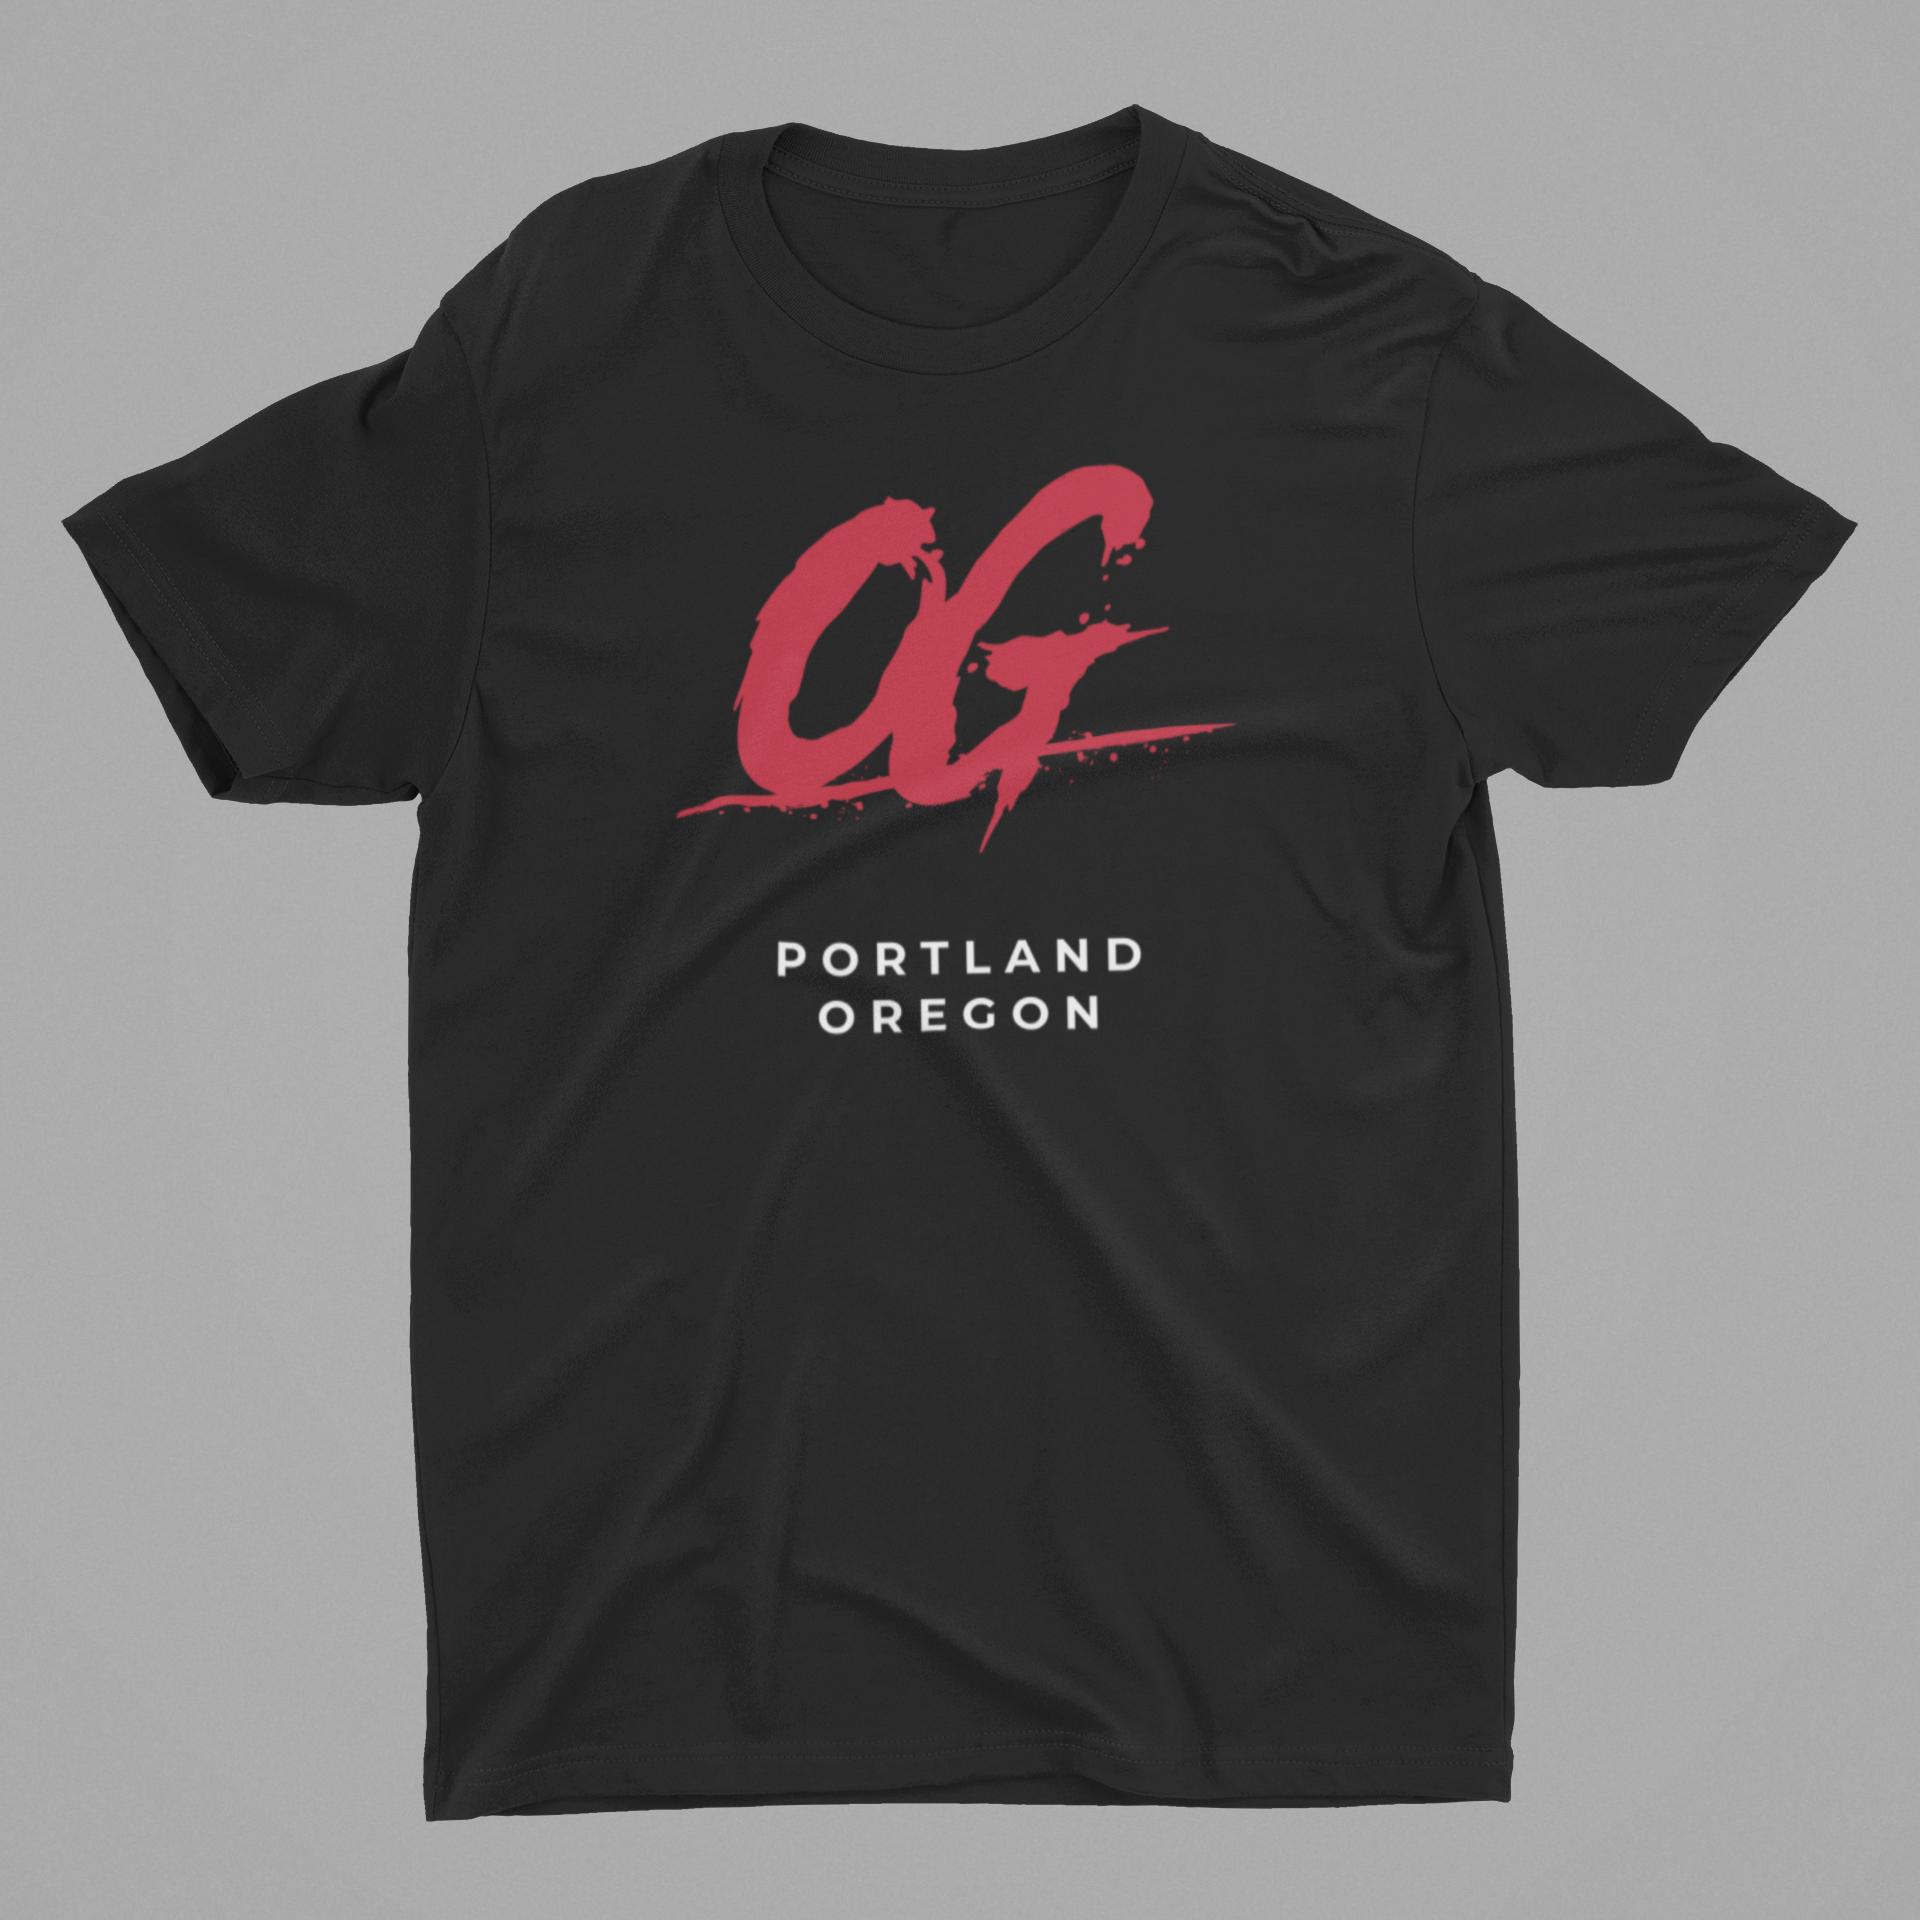 OG - Portland Oregon - T Shirt